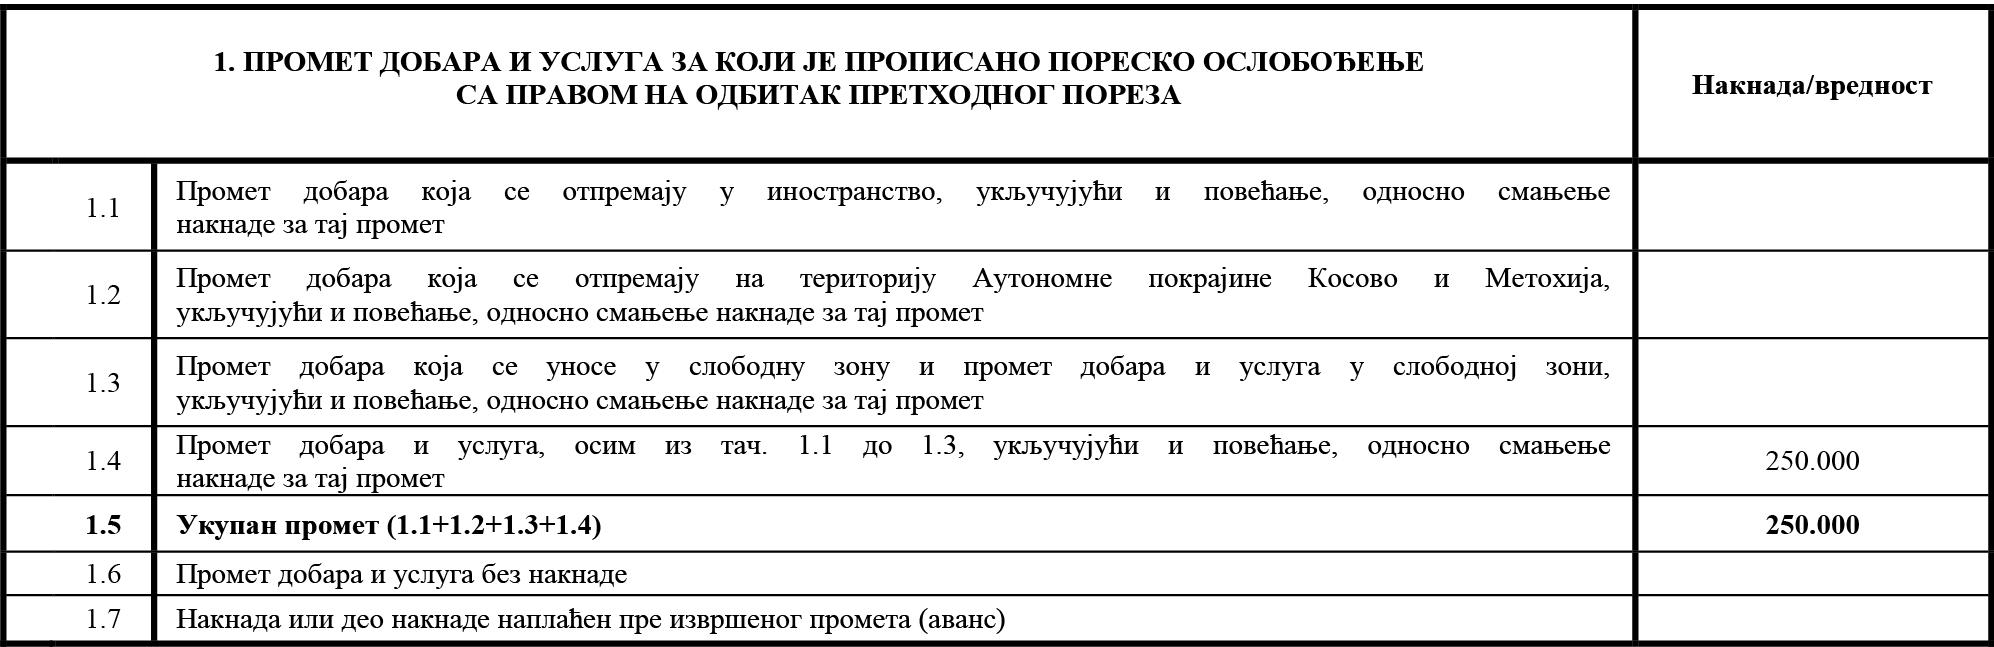 uputstvo PU obrazac POPDV primer 15